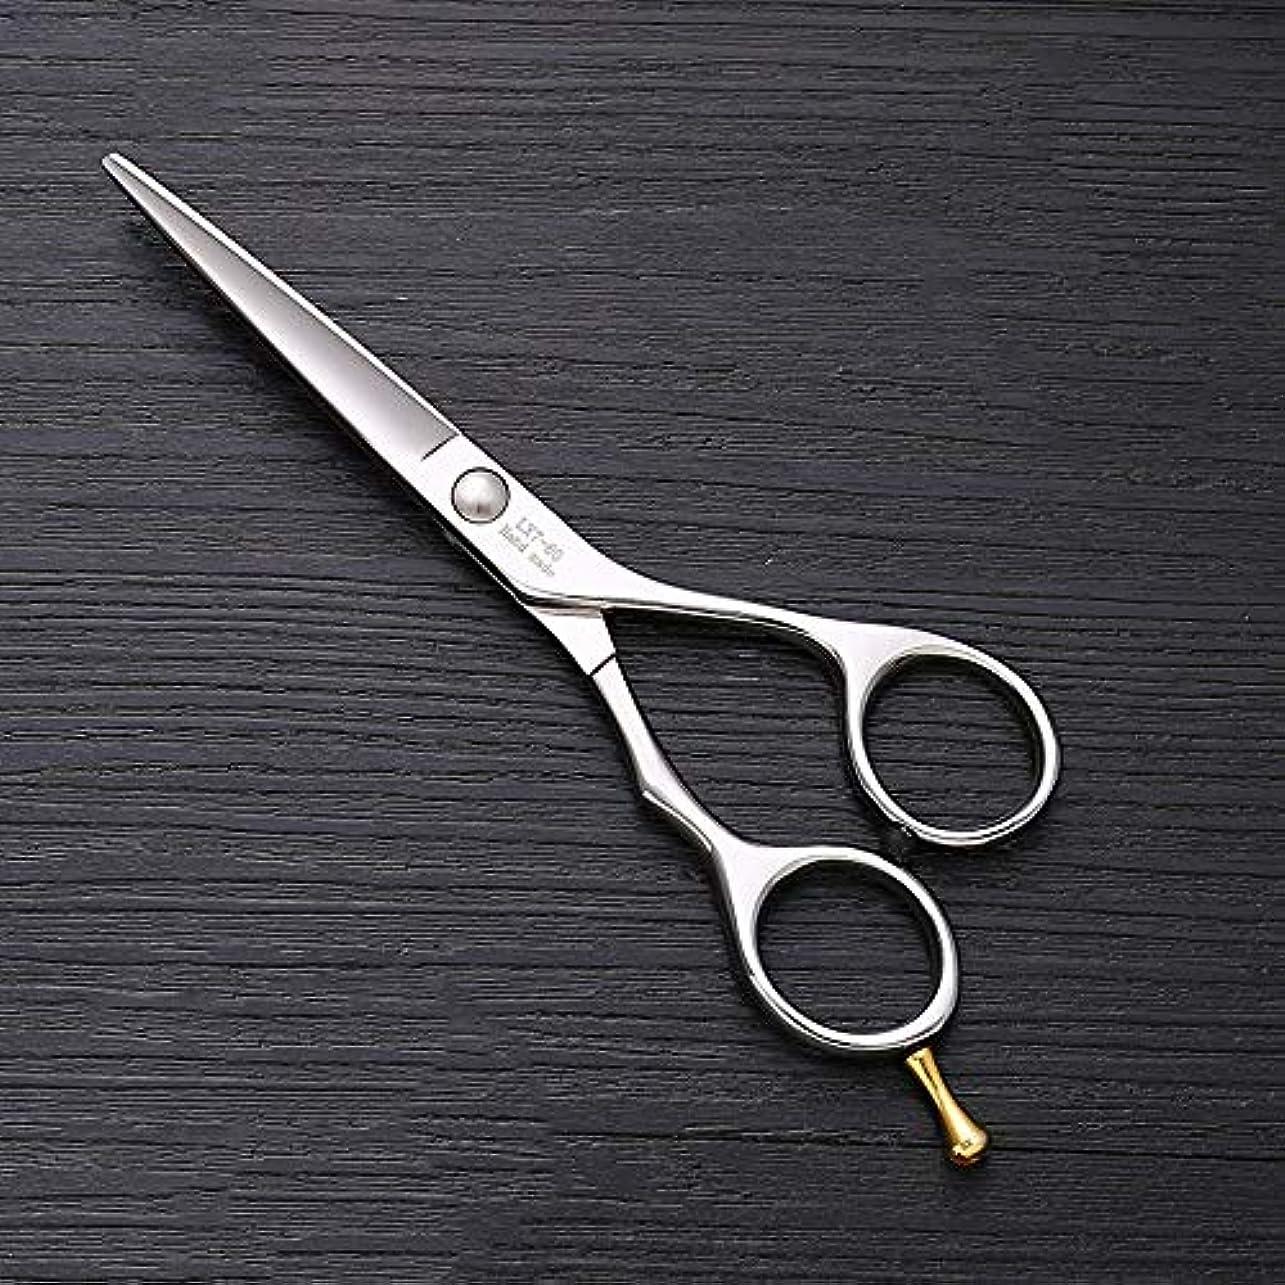 球体知り合いになる装備する理髪用はさみ 5.75インチのステンレス鋼の集中的な平らなせん断の理髪はさみ毛の切断はさみステンレス理髪はさみ (色 : Silver)